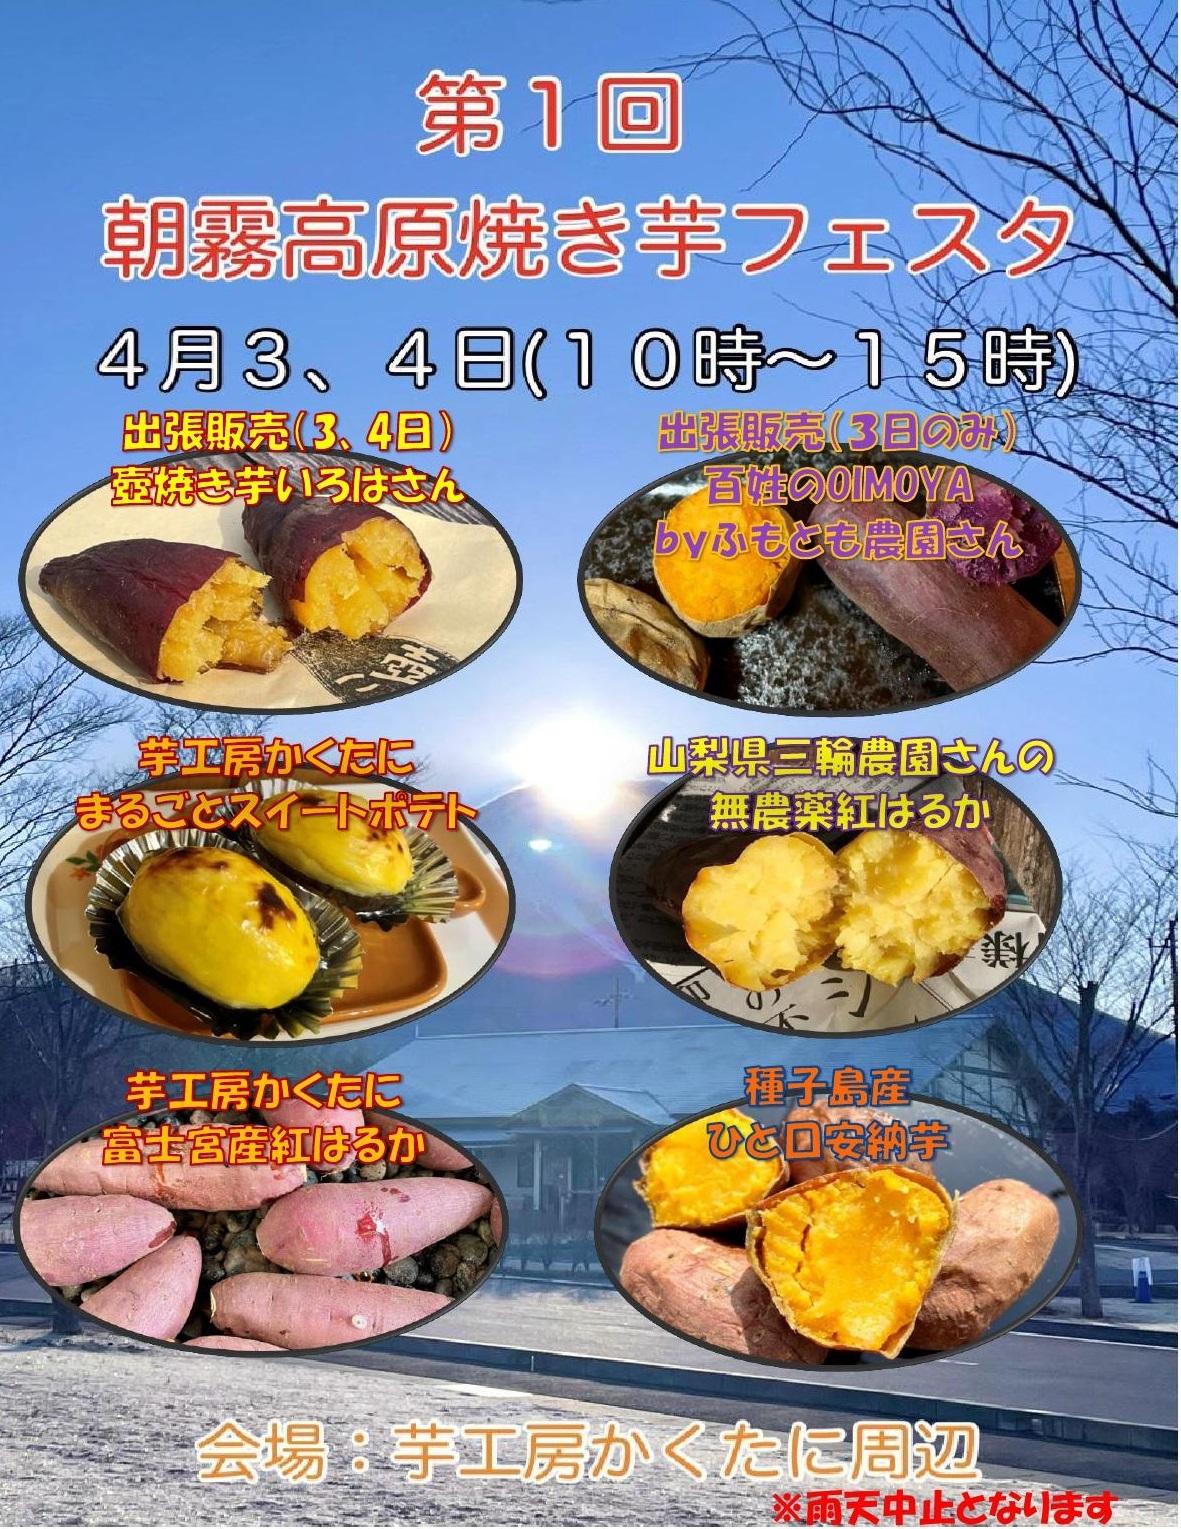 焼き芋フェスタPOP_000001.jpg